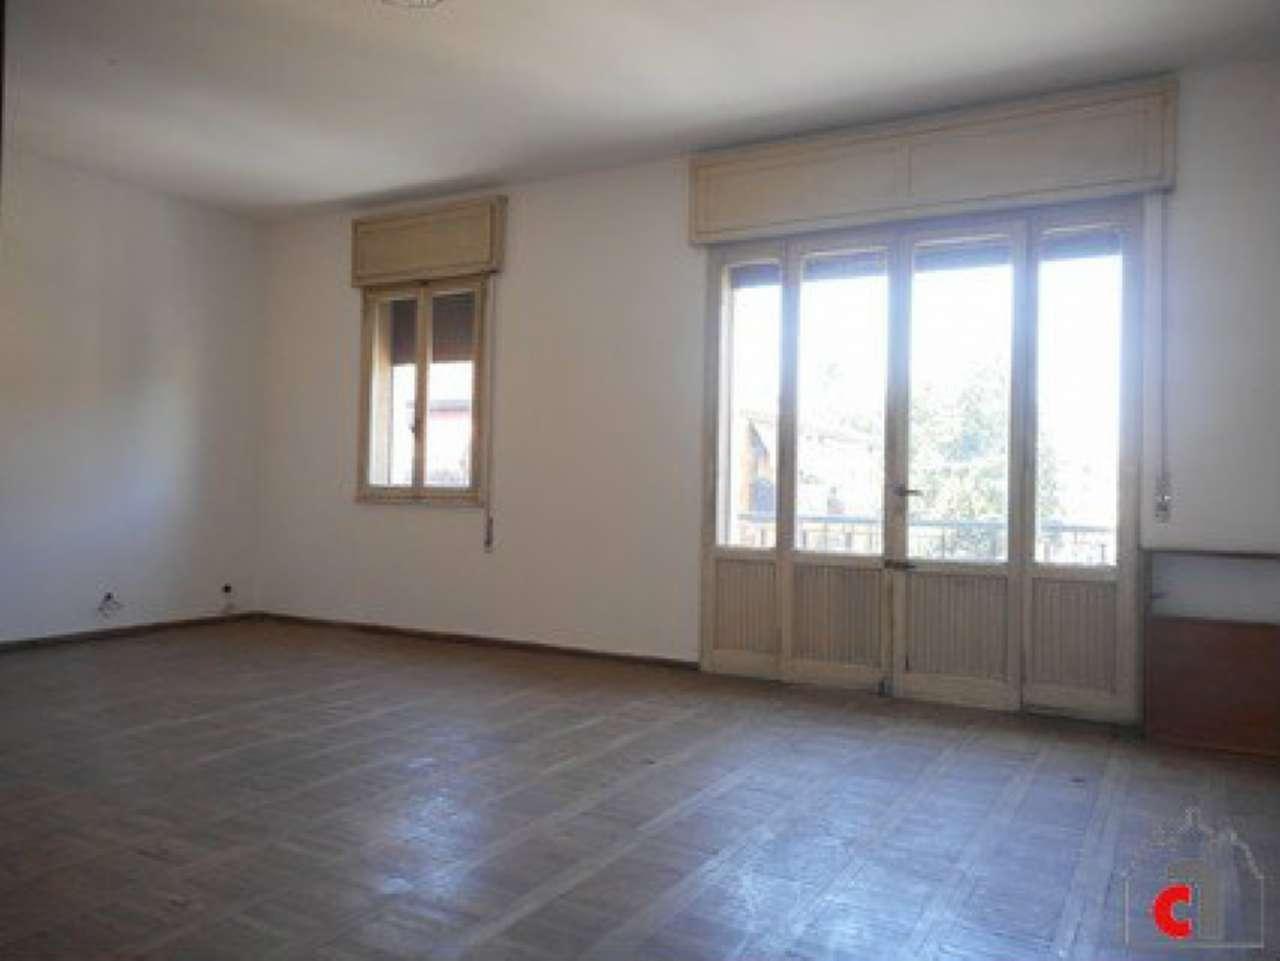 Appartamento in vendita a Padova, 5 locali, zona Zona: 1 . Centro, prezzo € 130.000 | Cambio Casa.it